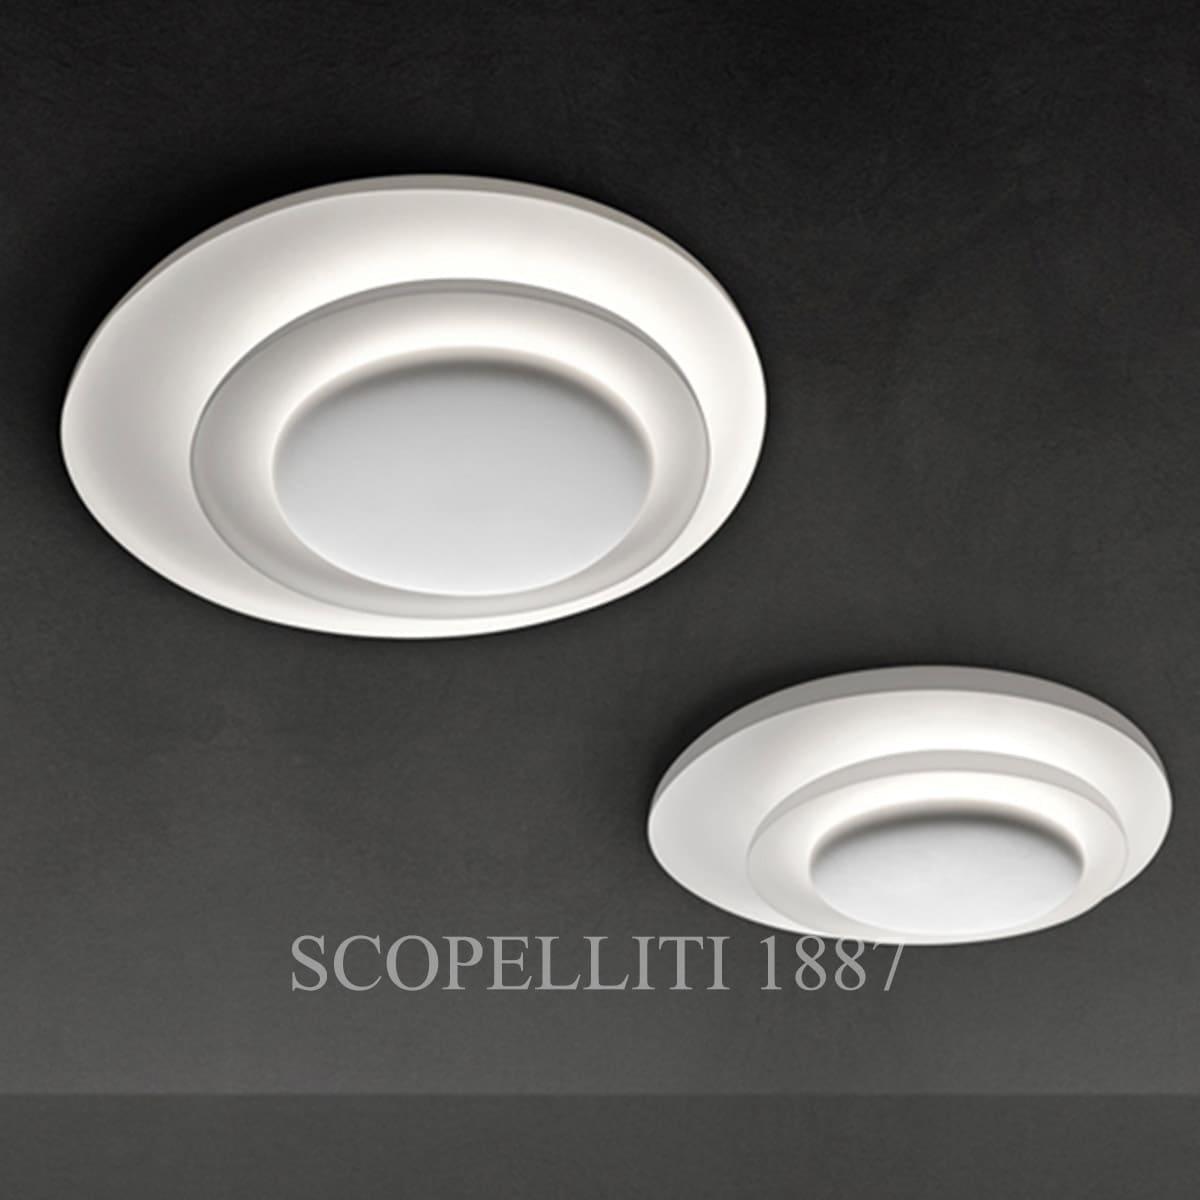 foscarini italian lighting designer two wall lamps bahia large